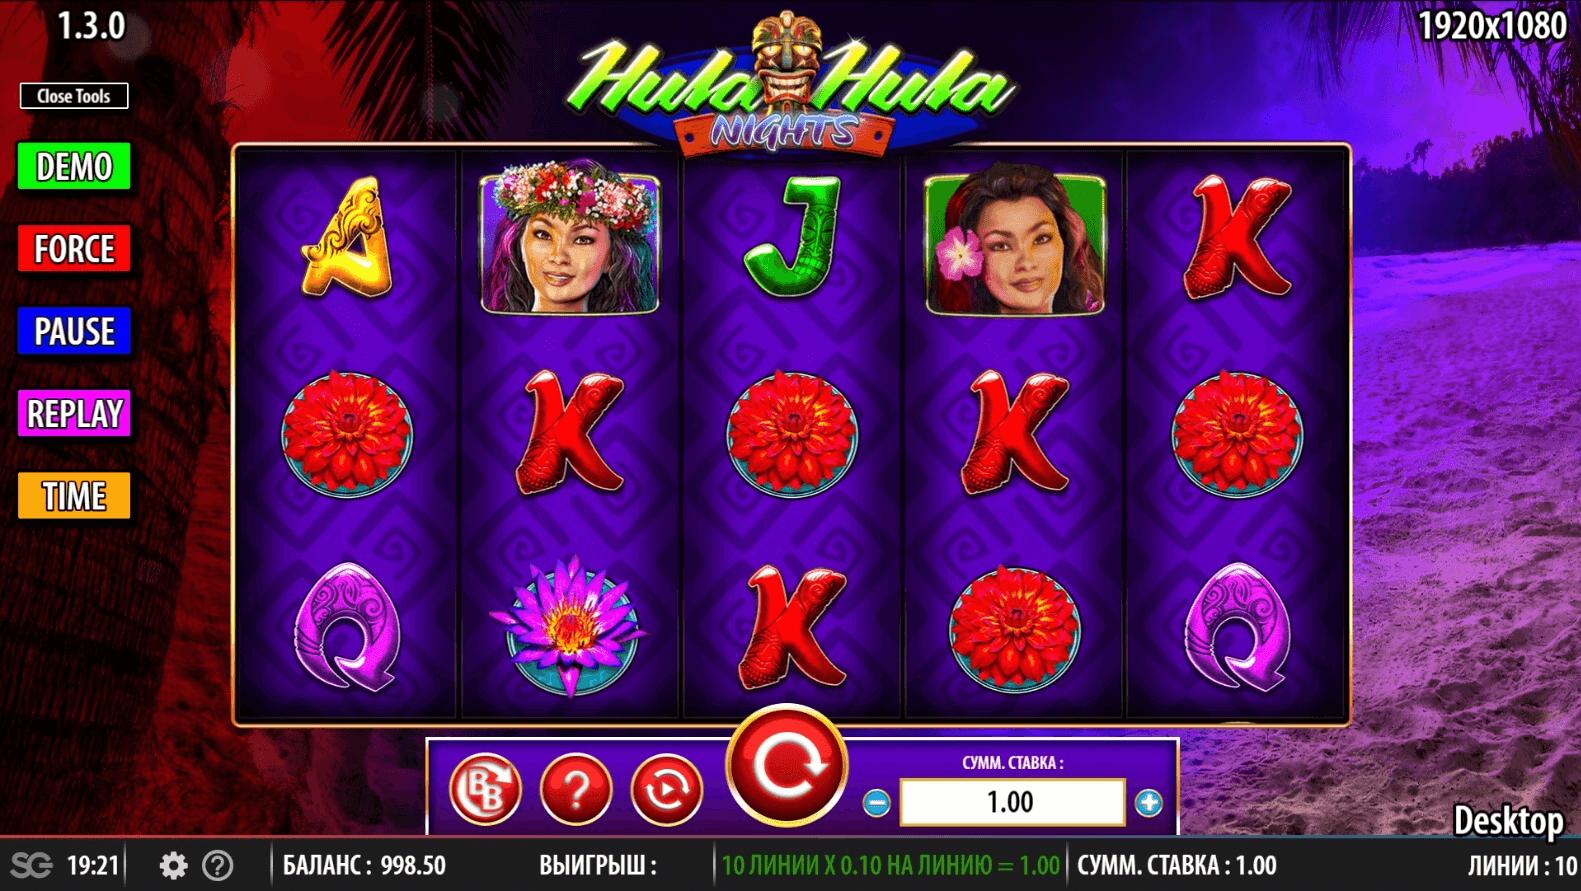 Hula Hula Nights slot machine screenshot